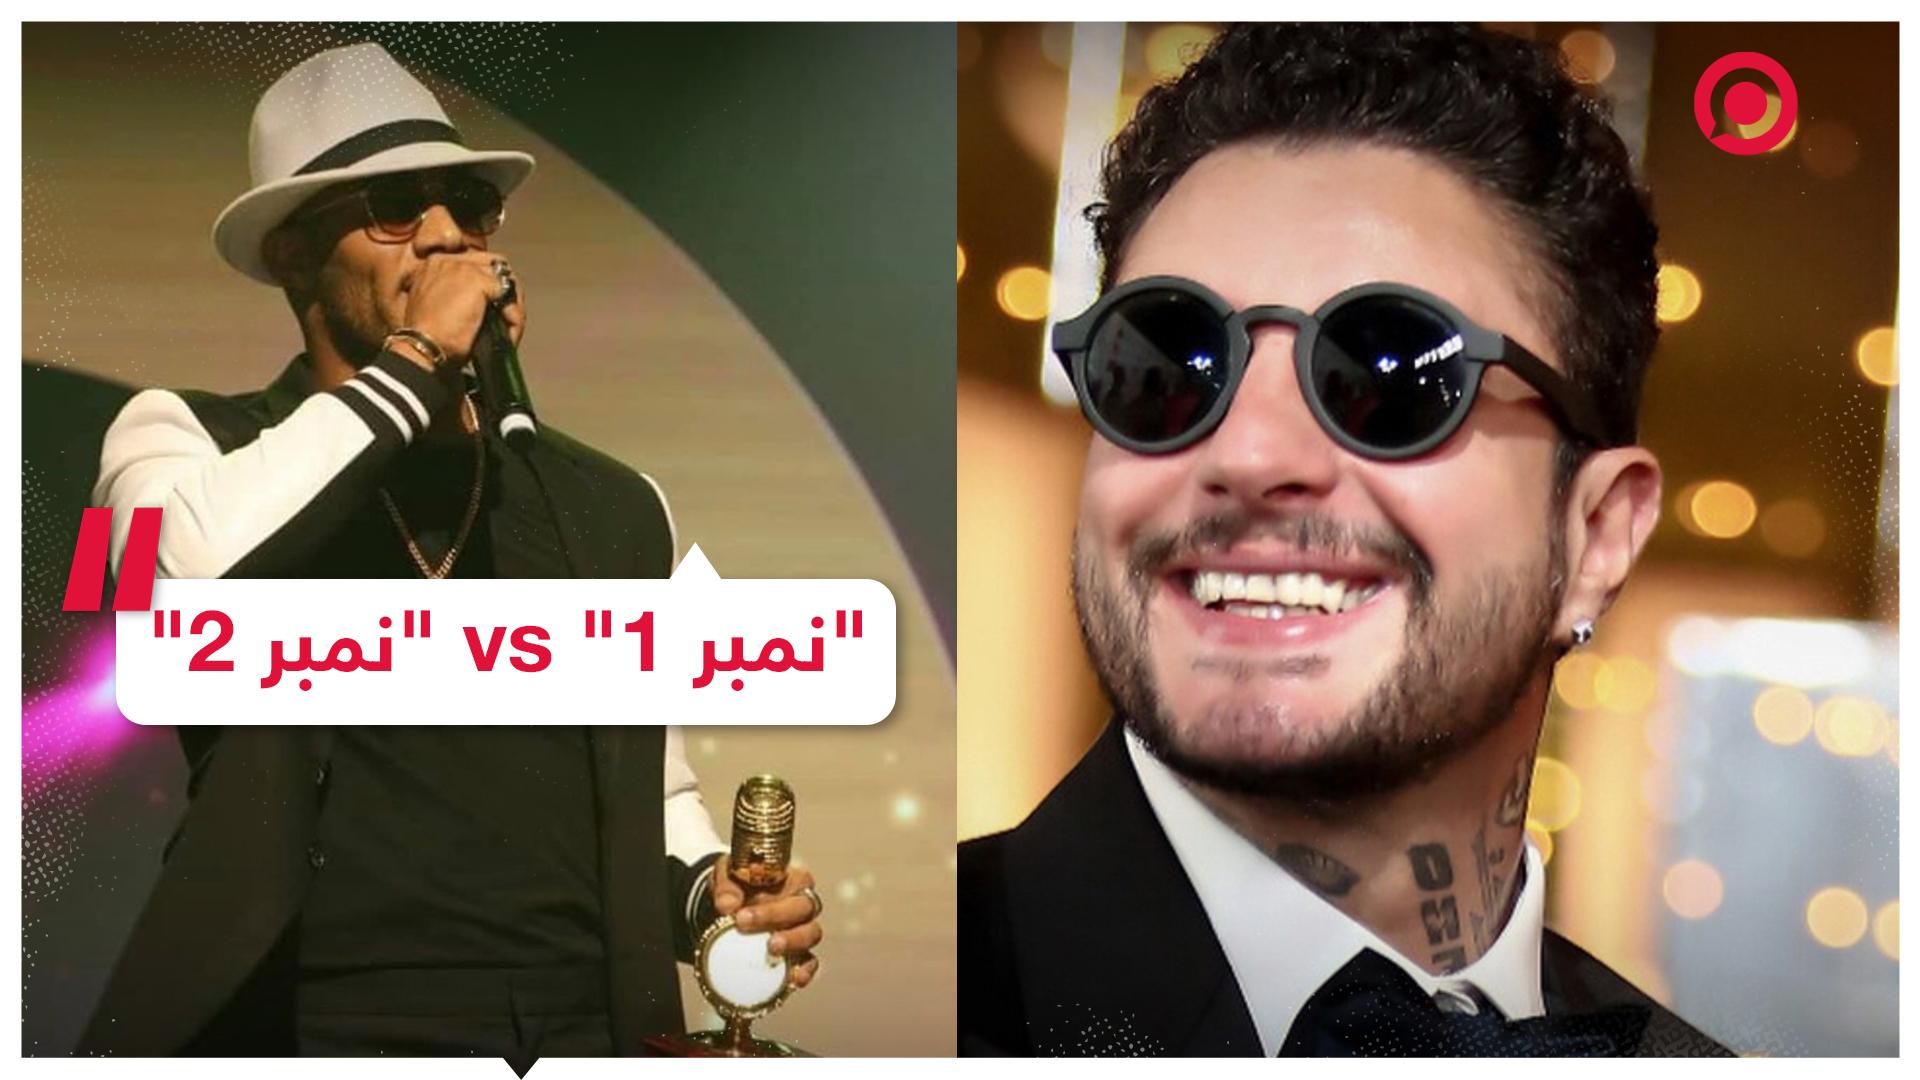 """الفنان المصري أحمد الفيشاوي يسخر من محمد رمضان بأغنية """"نمبر 2"""" والأخير يرد عليه"""